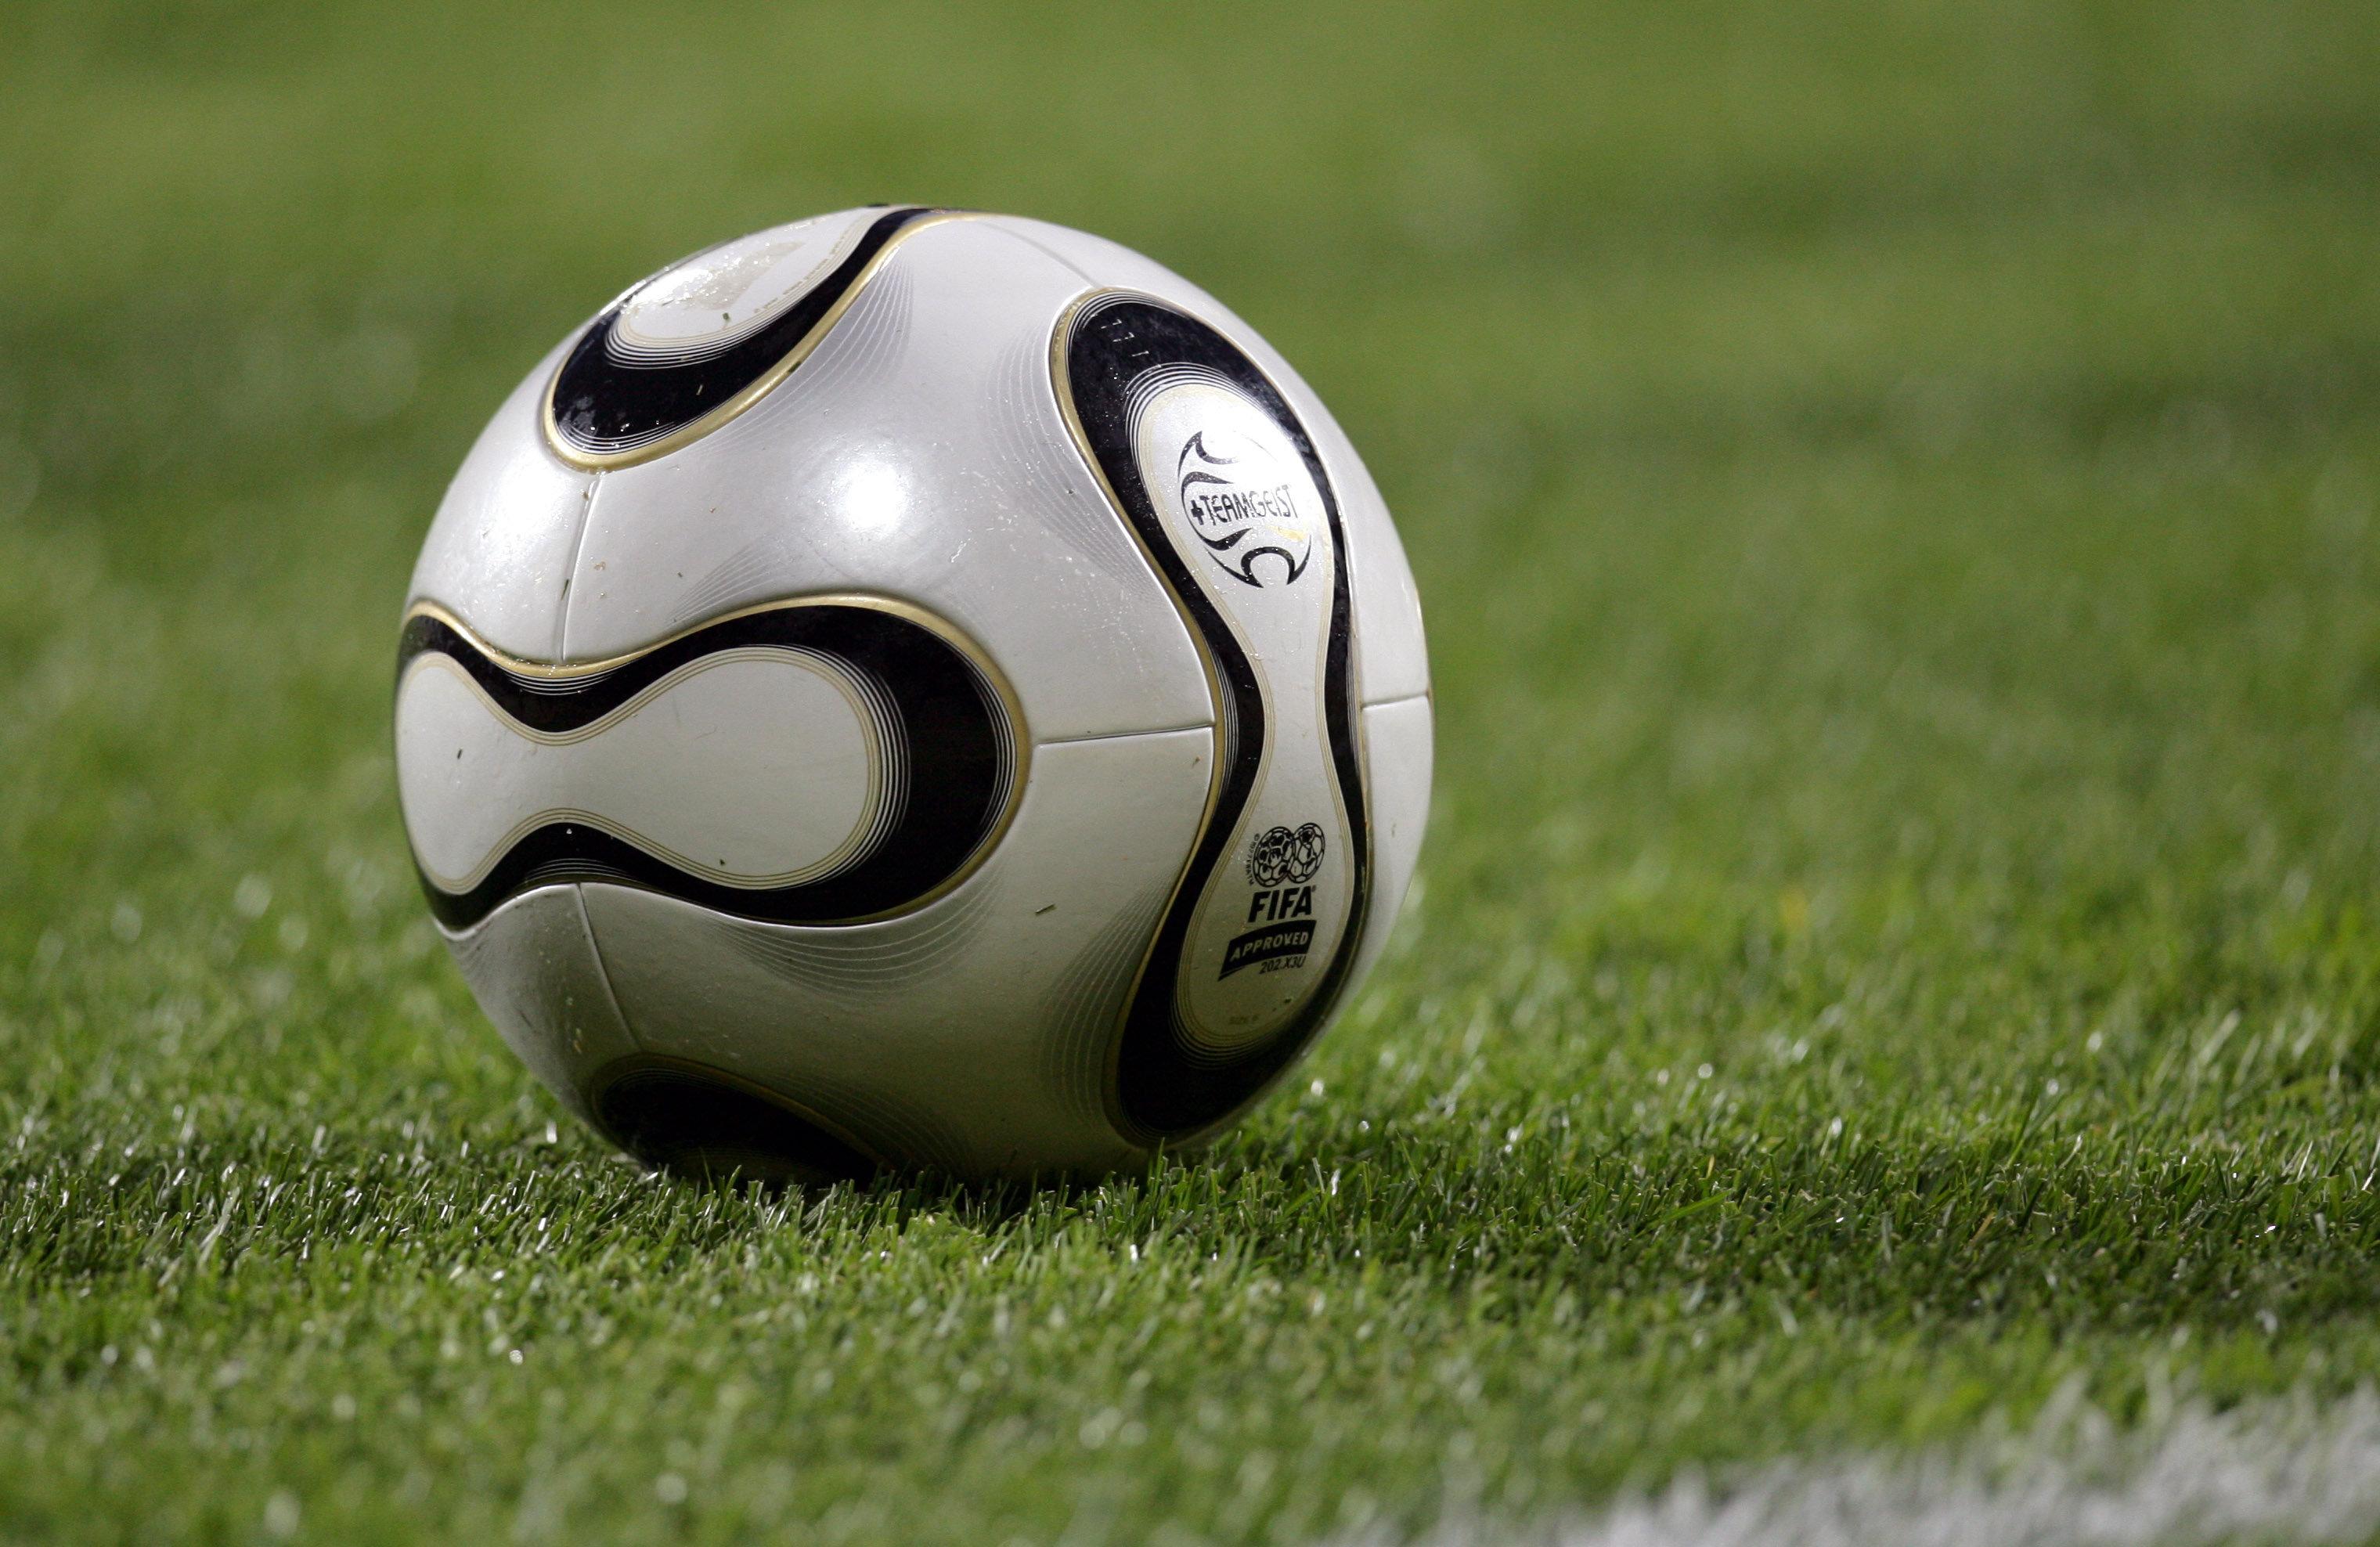 Teamgeist, a bola utilizada na Copa do Mundo da Alemanha, em 2006.